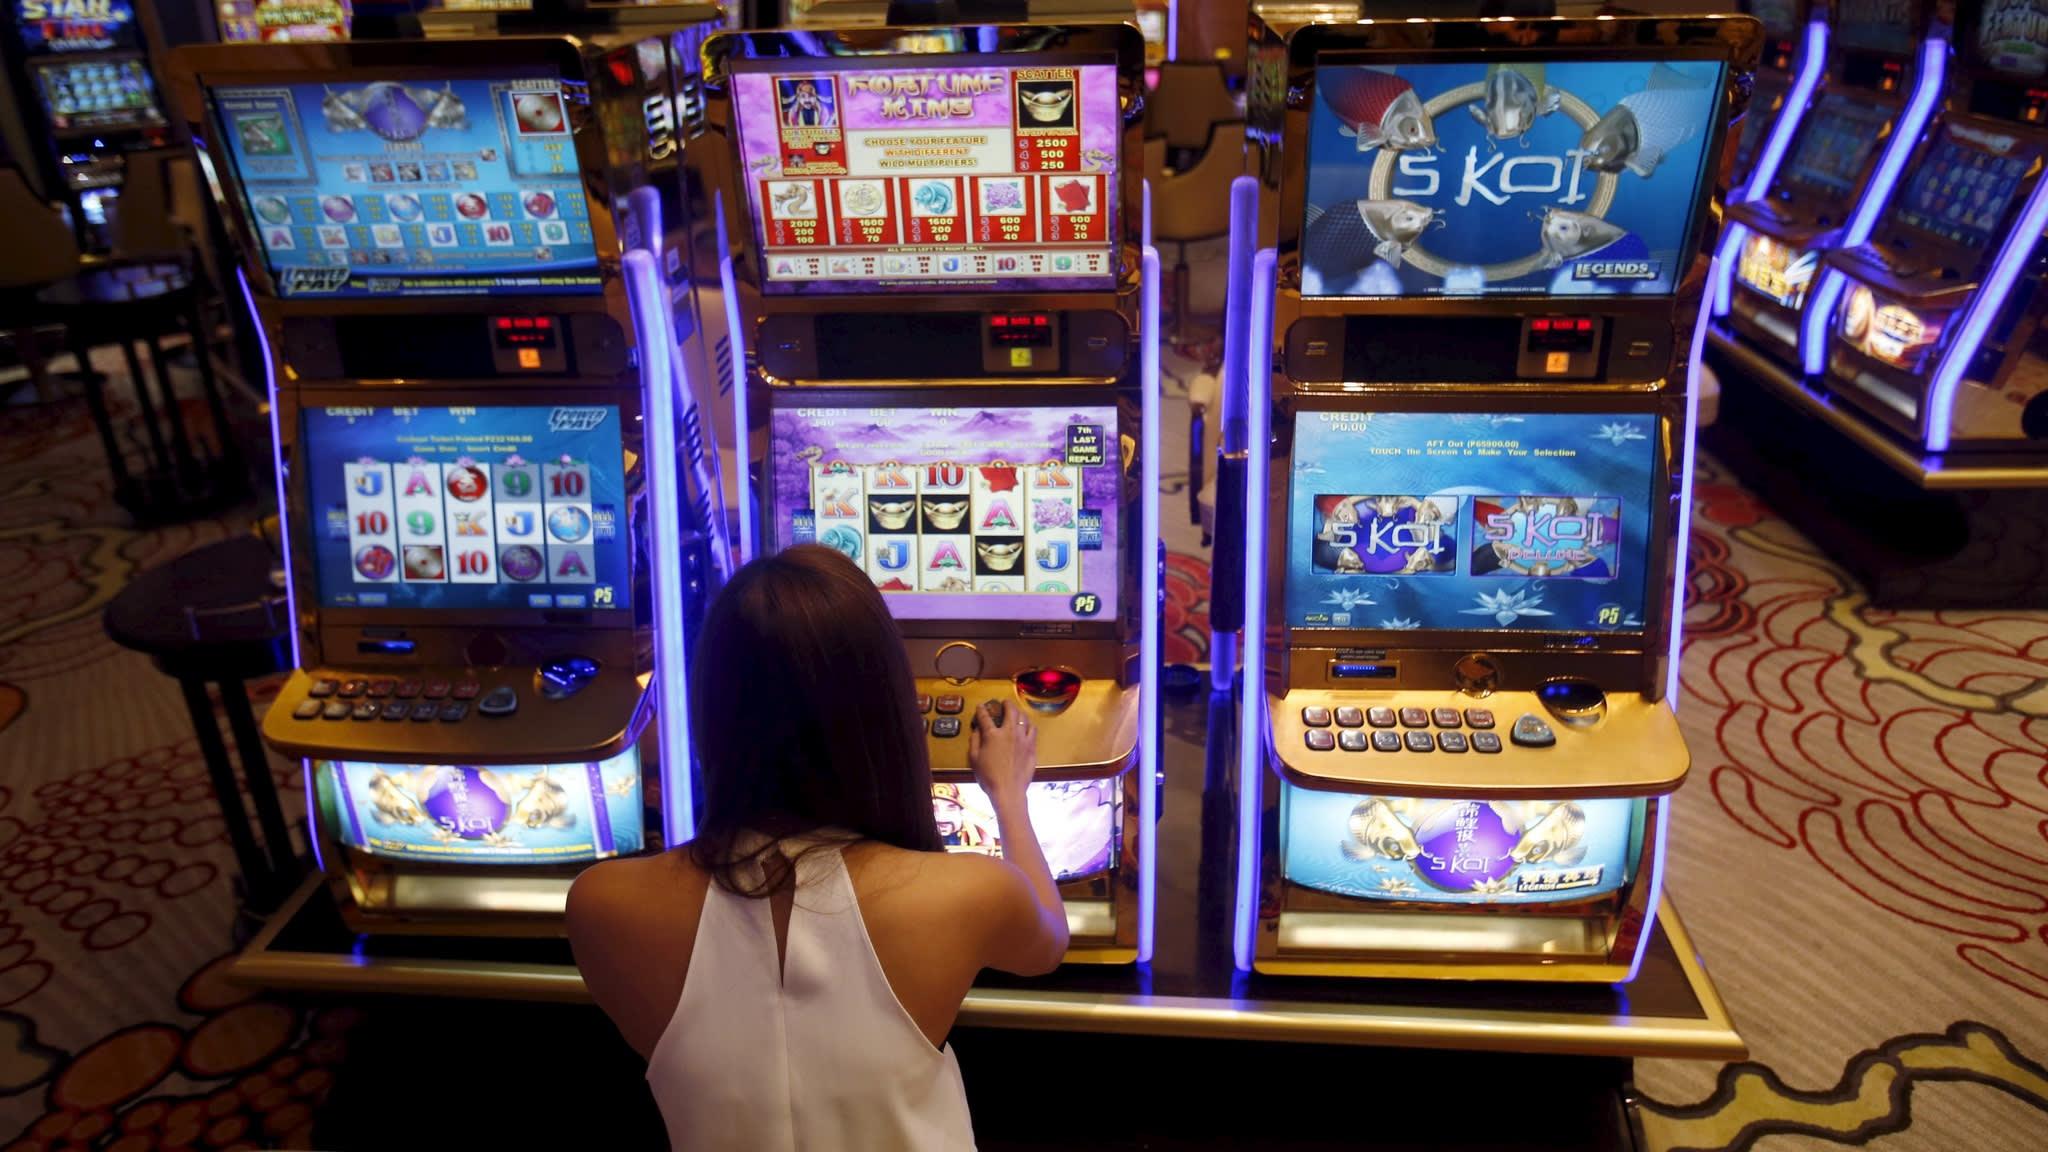 Метро казино онлайн играем в майнкрафт на хоррор картах